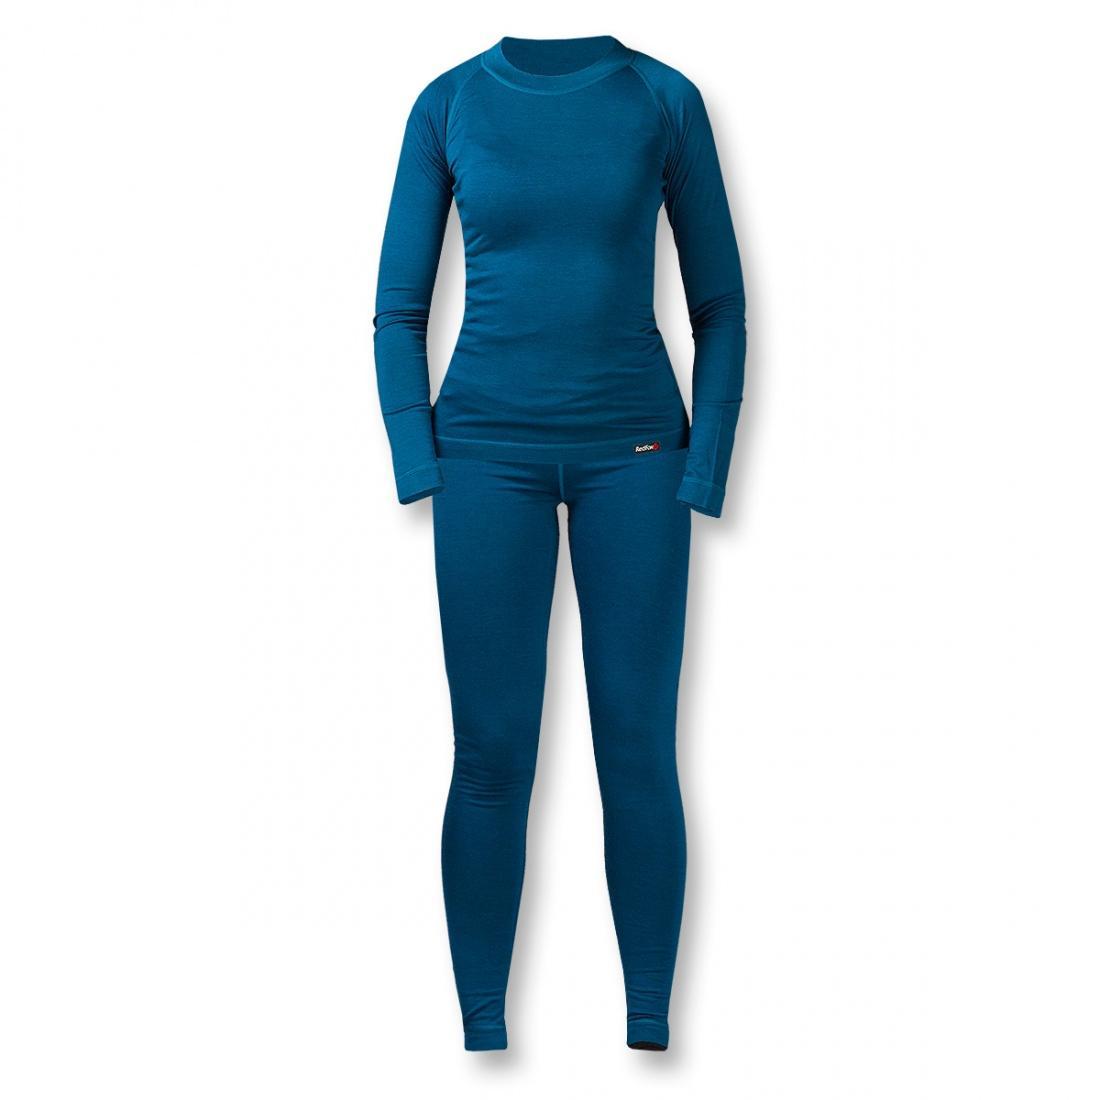 Термобелье костюм Wool Dry Light ЖенскийКомплекты<br><br> Тончайшее термобелье для женщин из мериносовой шерсти: оно достаточно теплое и пуловер можно носить как самостоятельный элемент одежды.В качестве базового слоя костюм прекрасно подходит для занятий спортом в холодную погоду зимой.<br><br><br> Ос...<br><br>Цвет: Синий<br>Размер: 44